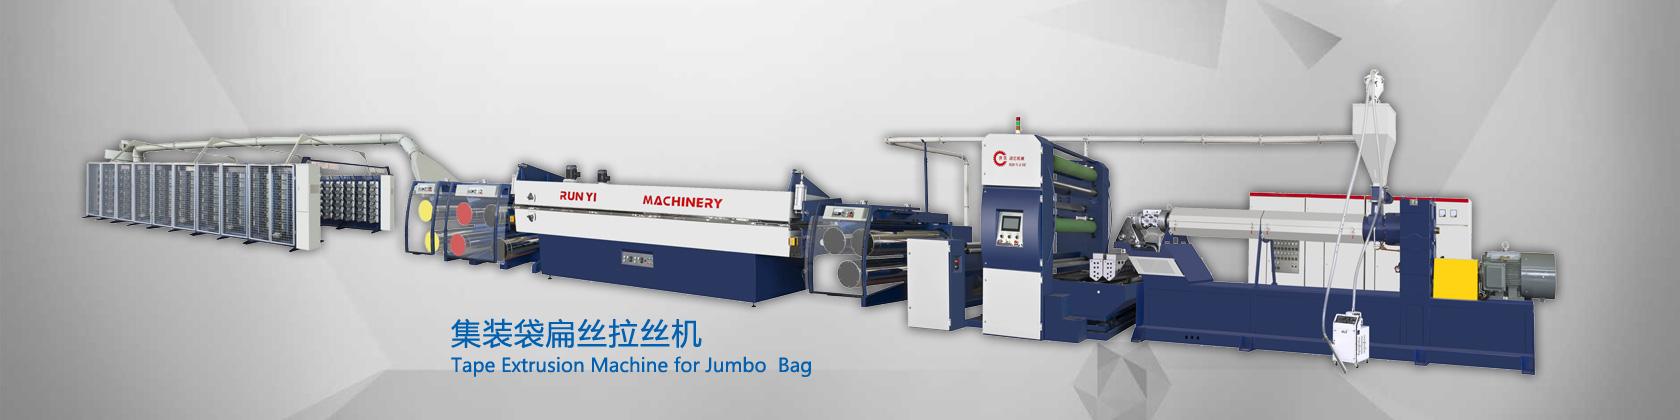 CHANGZHOU RUNYI MECHANICAL MANUFACTURE CO.,LTD Main Image